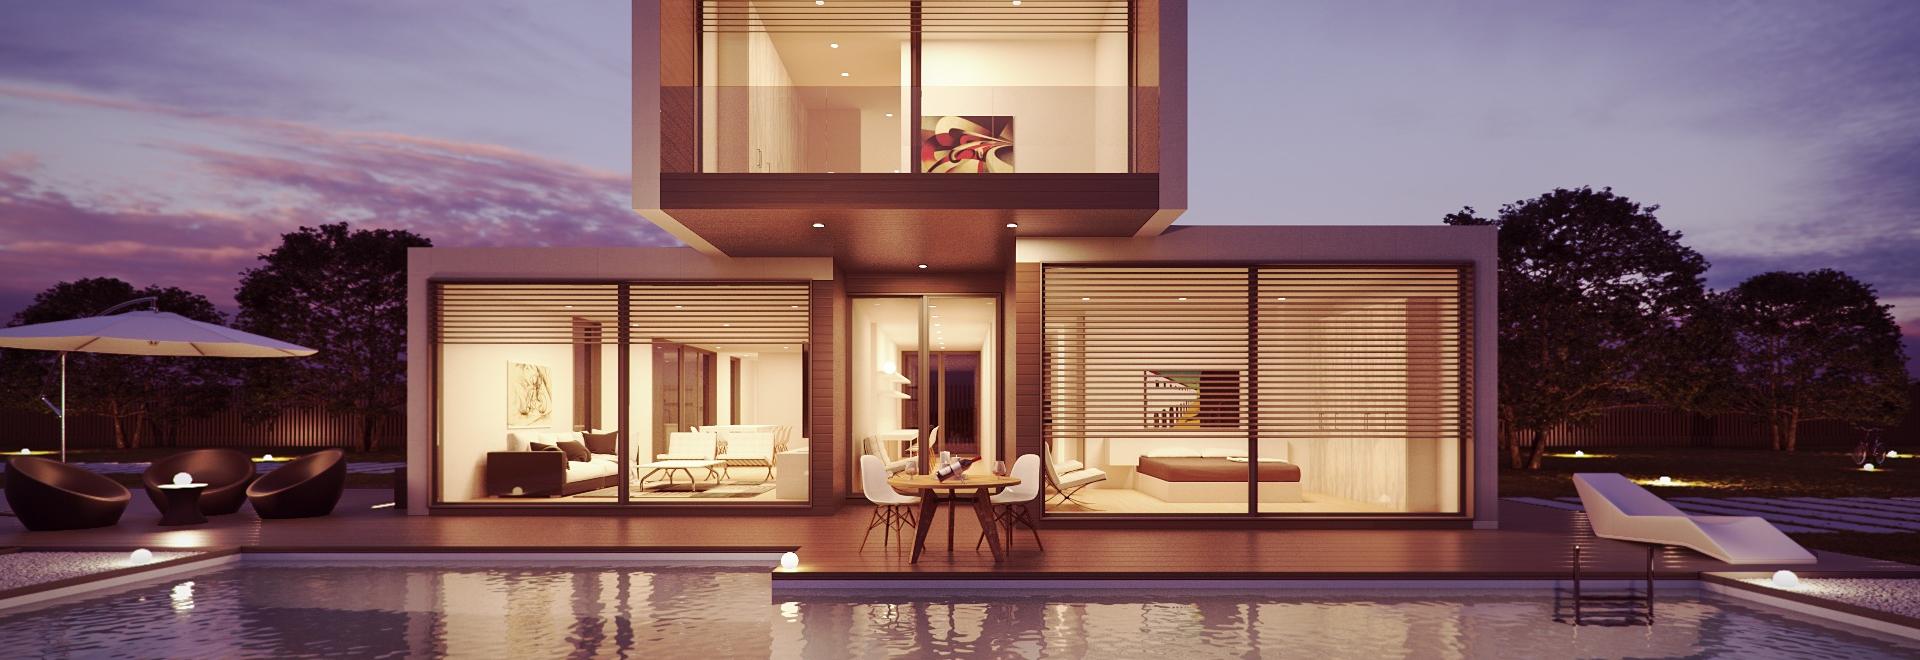 Gerofinance architecte d int rieur alli cl de votre for Faire appel a un architecte d interieur